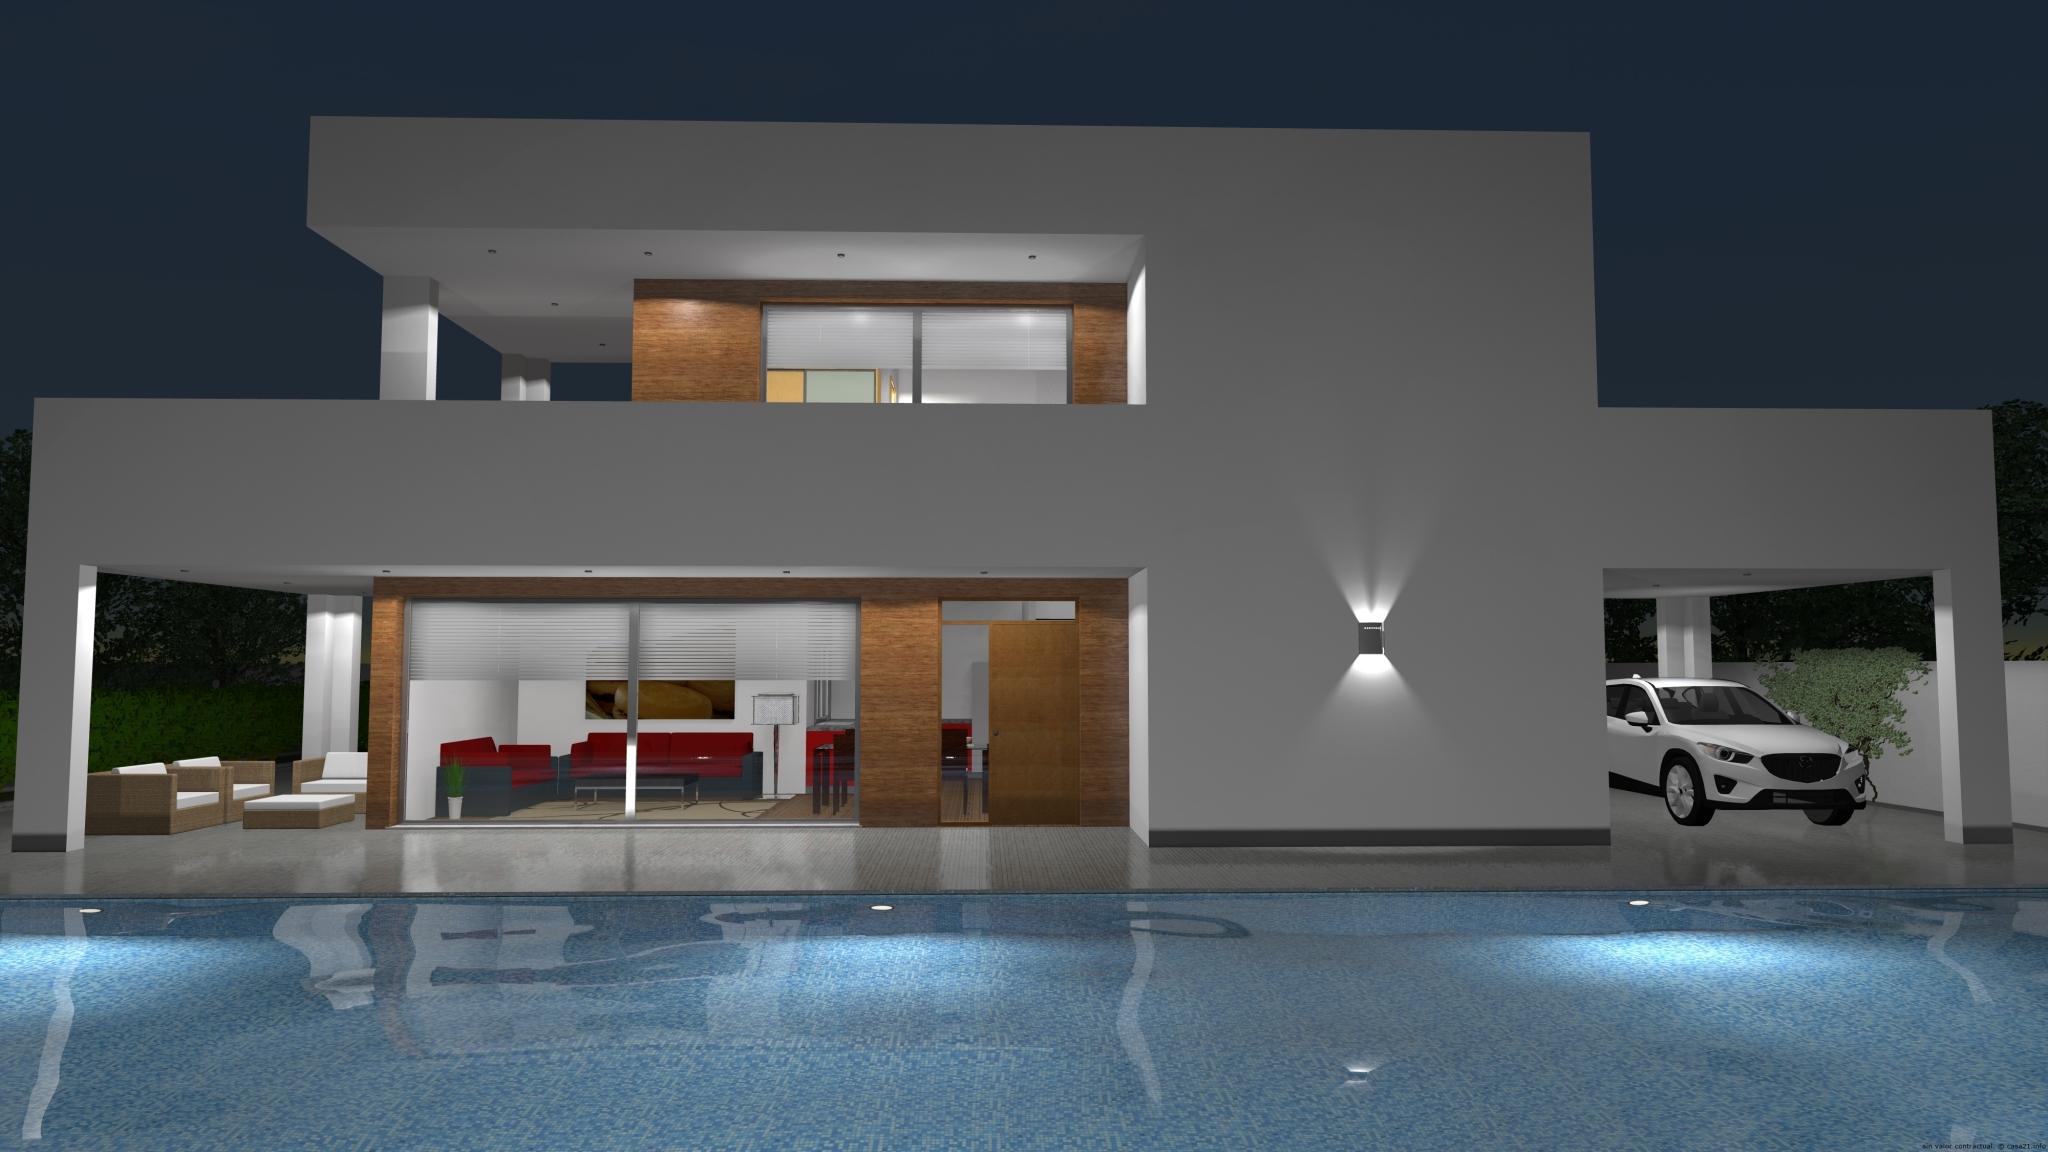 Casa de dise o moderno for Casas diseno rustico moderno